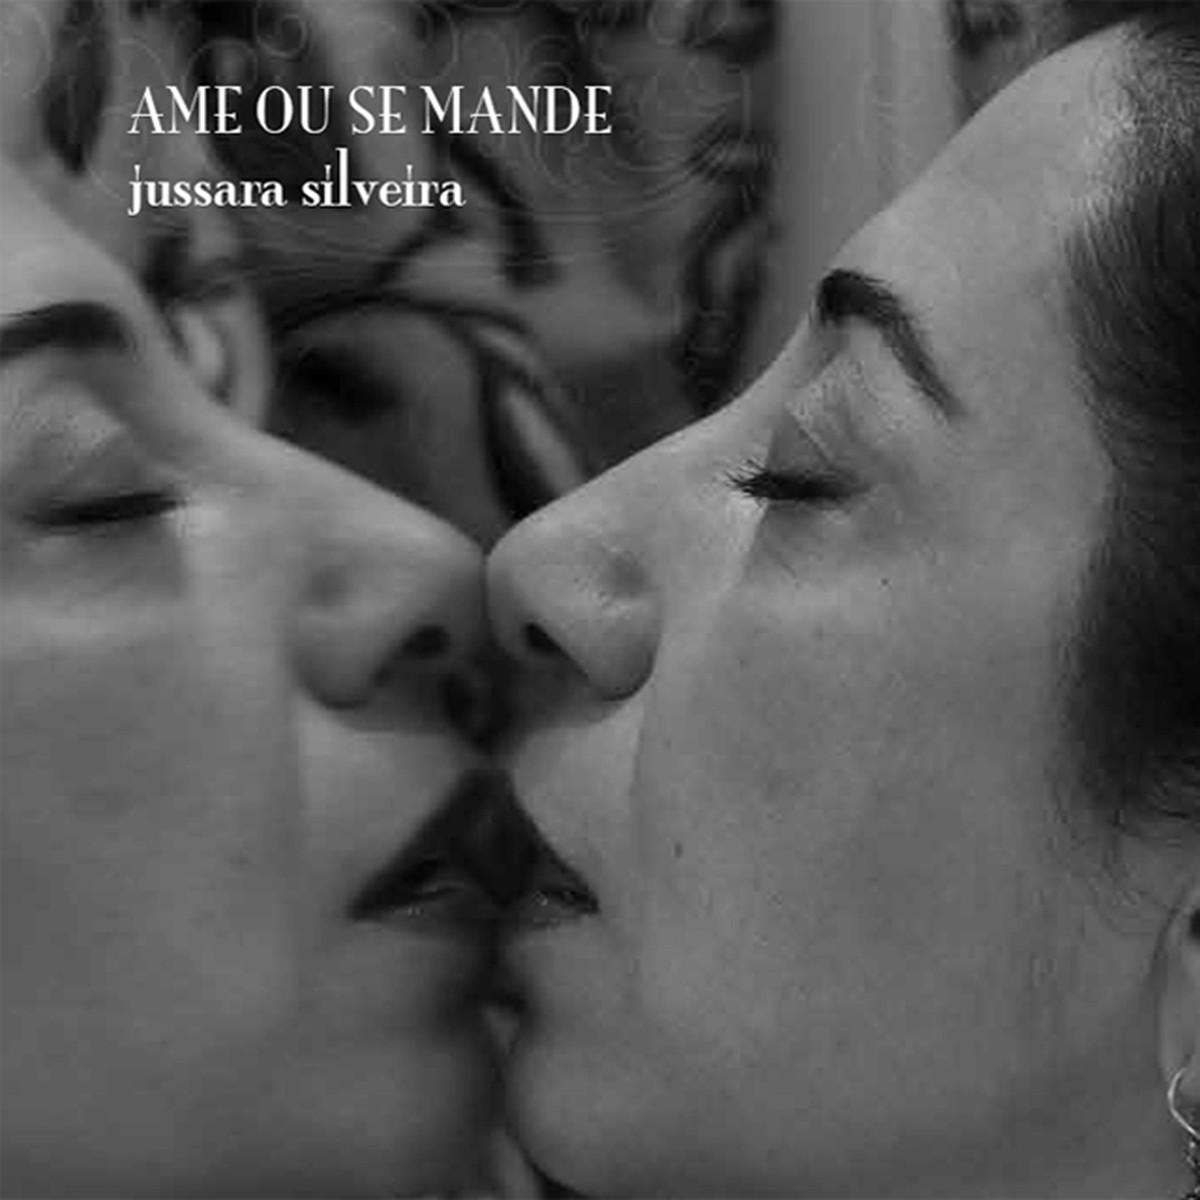 Discos para descobrir em casa – 'Ame ou se mande', Jussara Silveira, 2011 | Blog do Mauro Ferreira